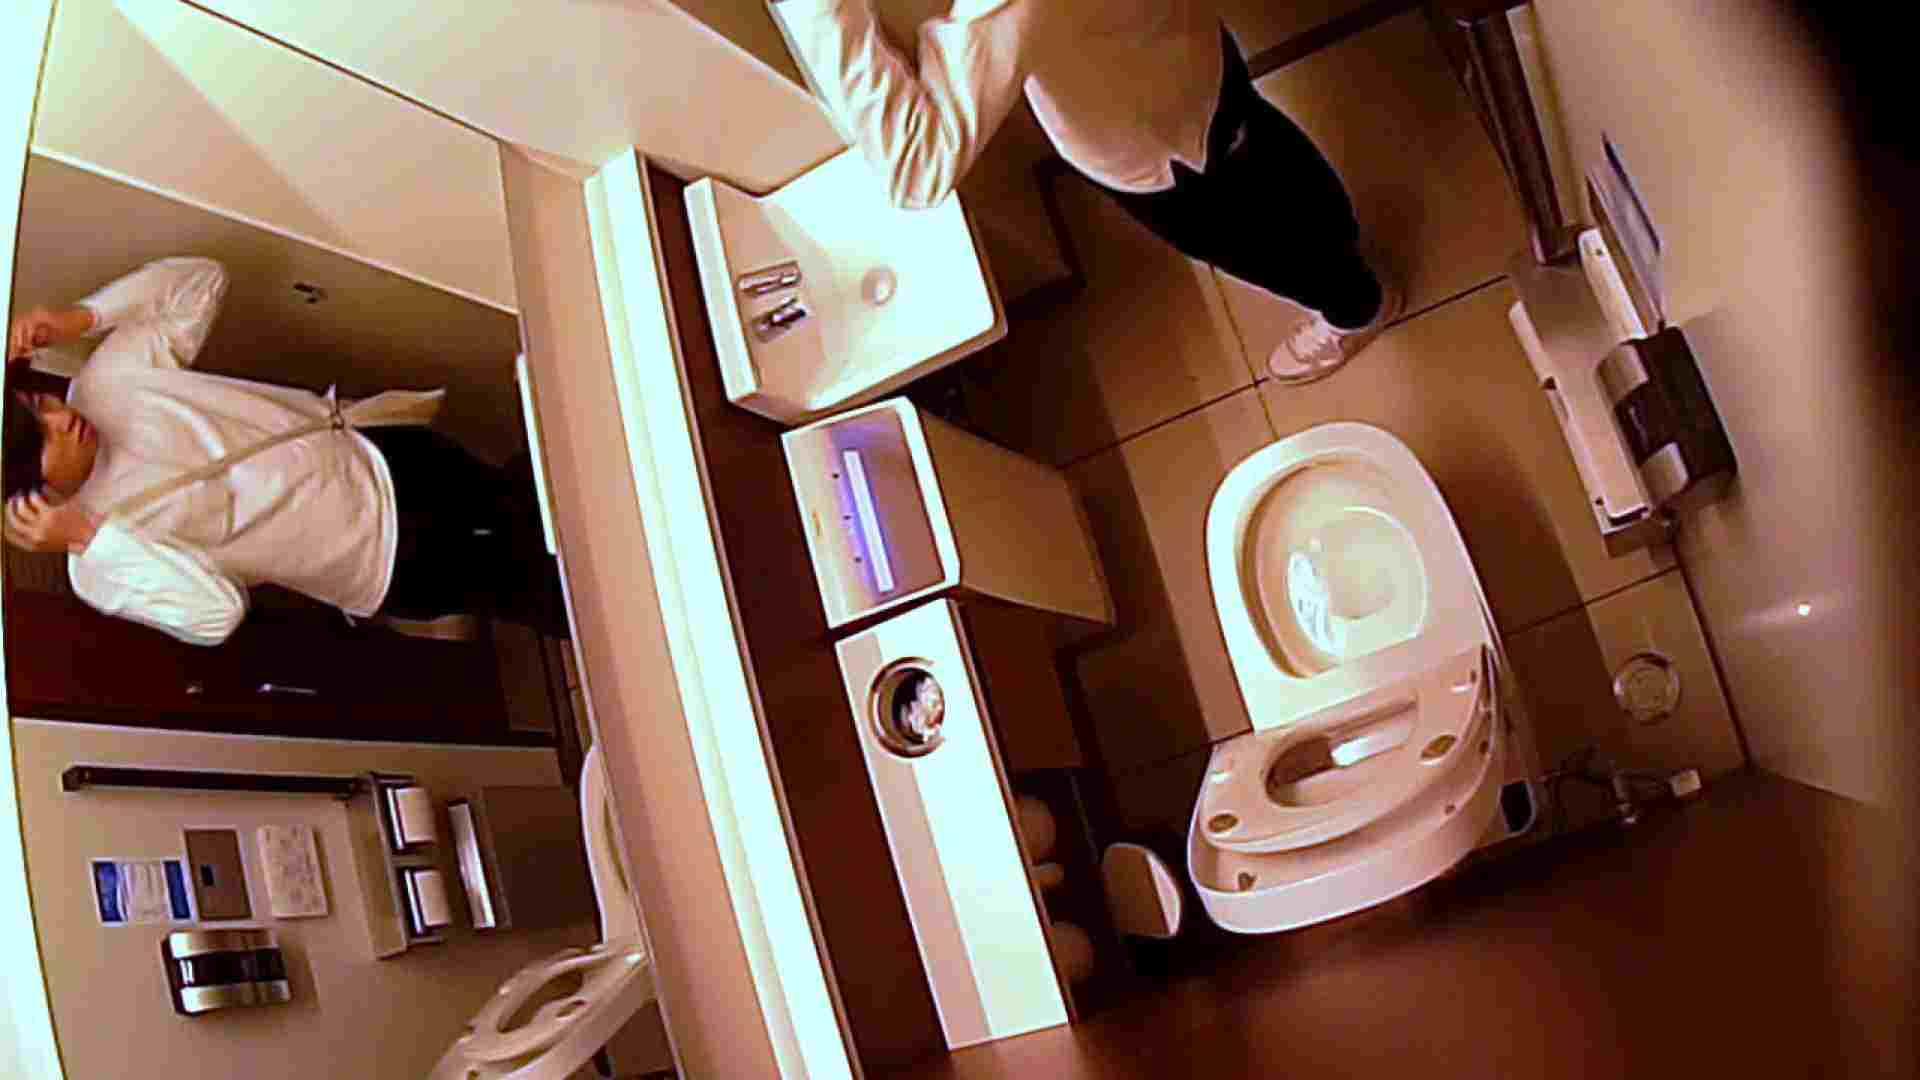 すみませんが覗かせてください Vol.32 トイレ | 0  102pic 12